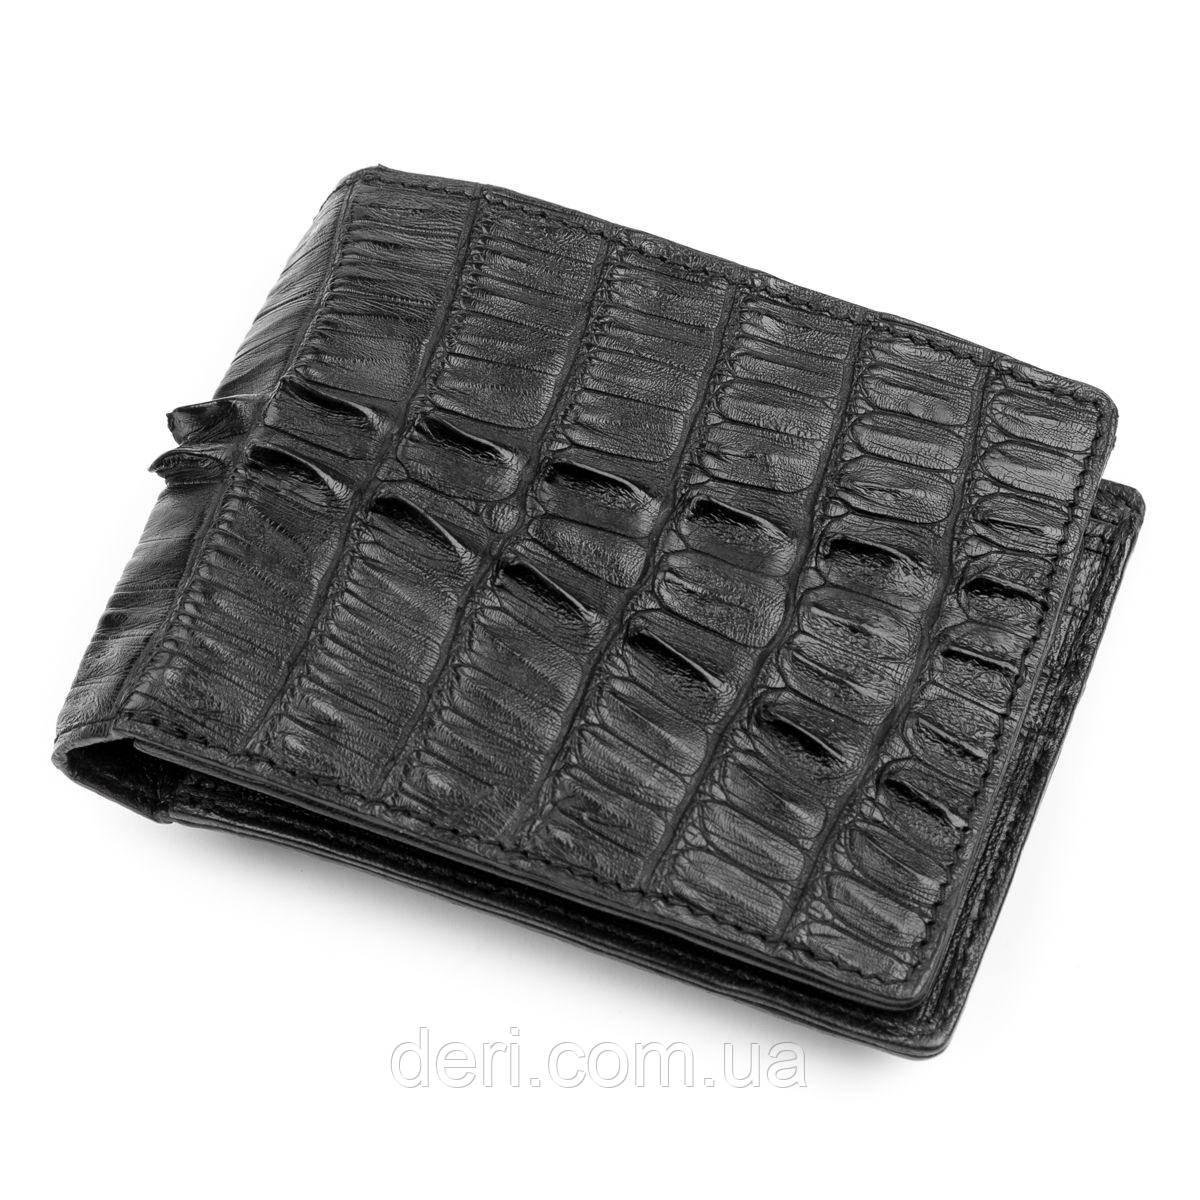 Кошелек CROCODILE LEATHER из натуральной кожи крокодила (каймана) Черный, Черный